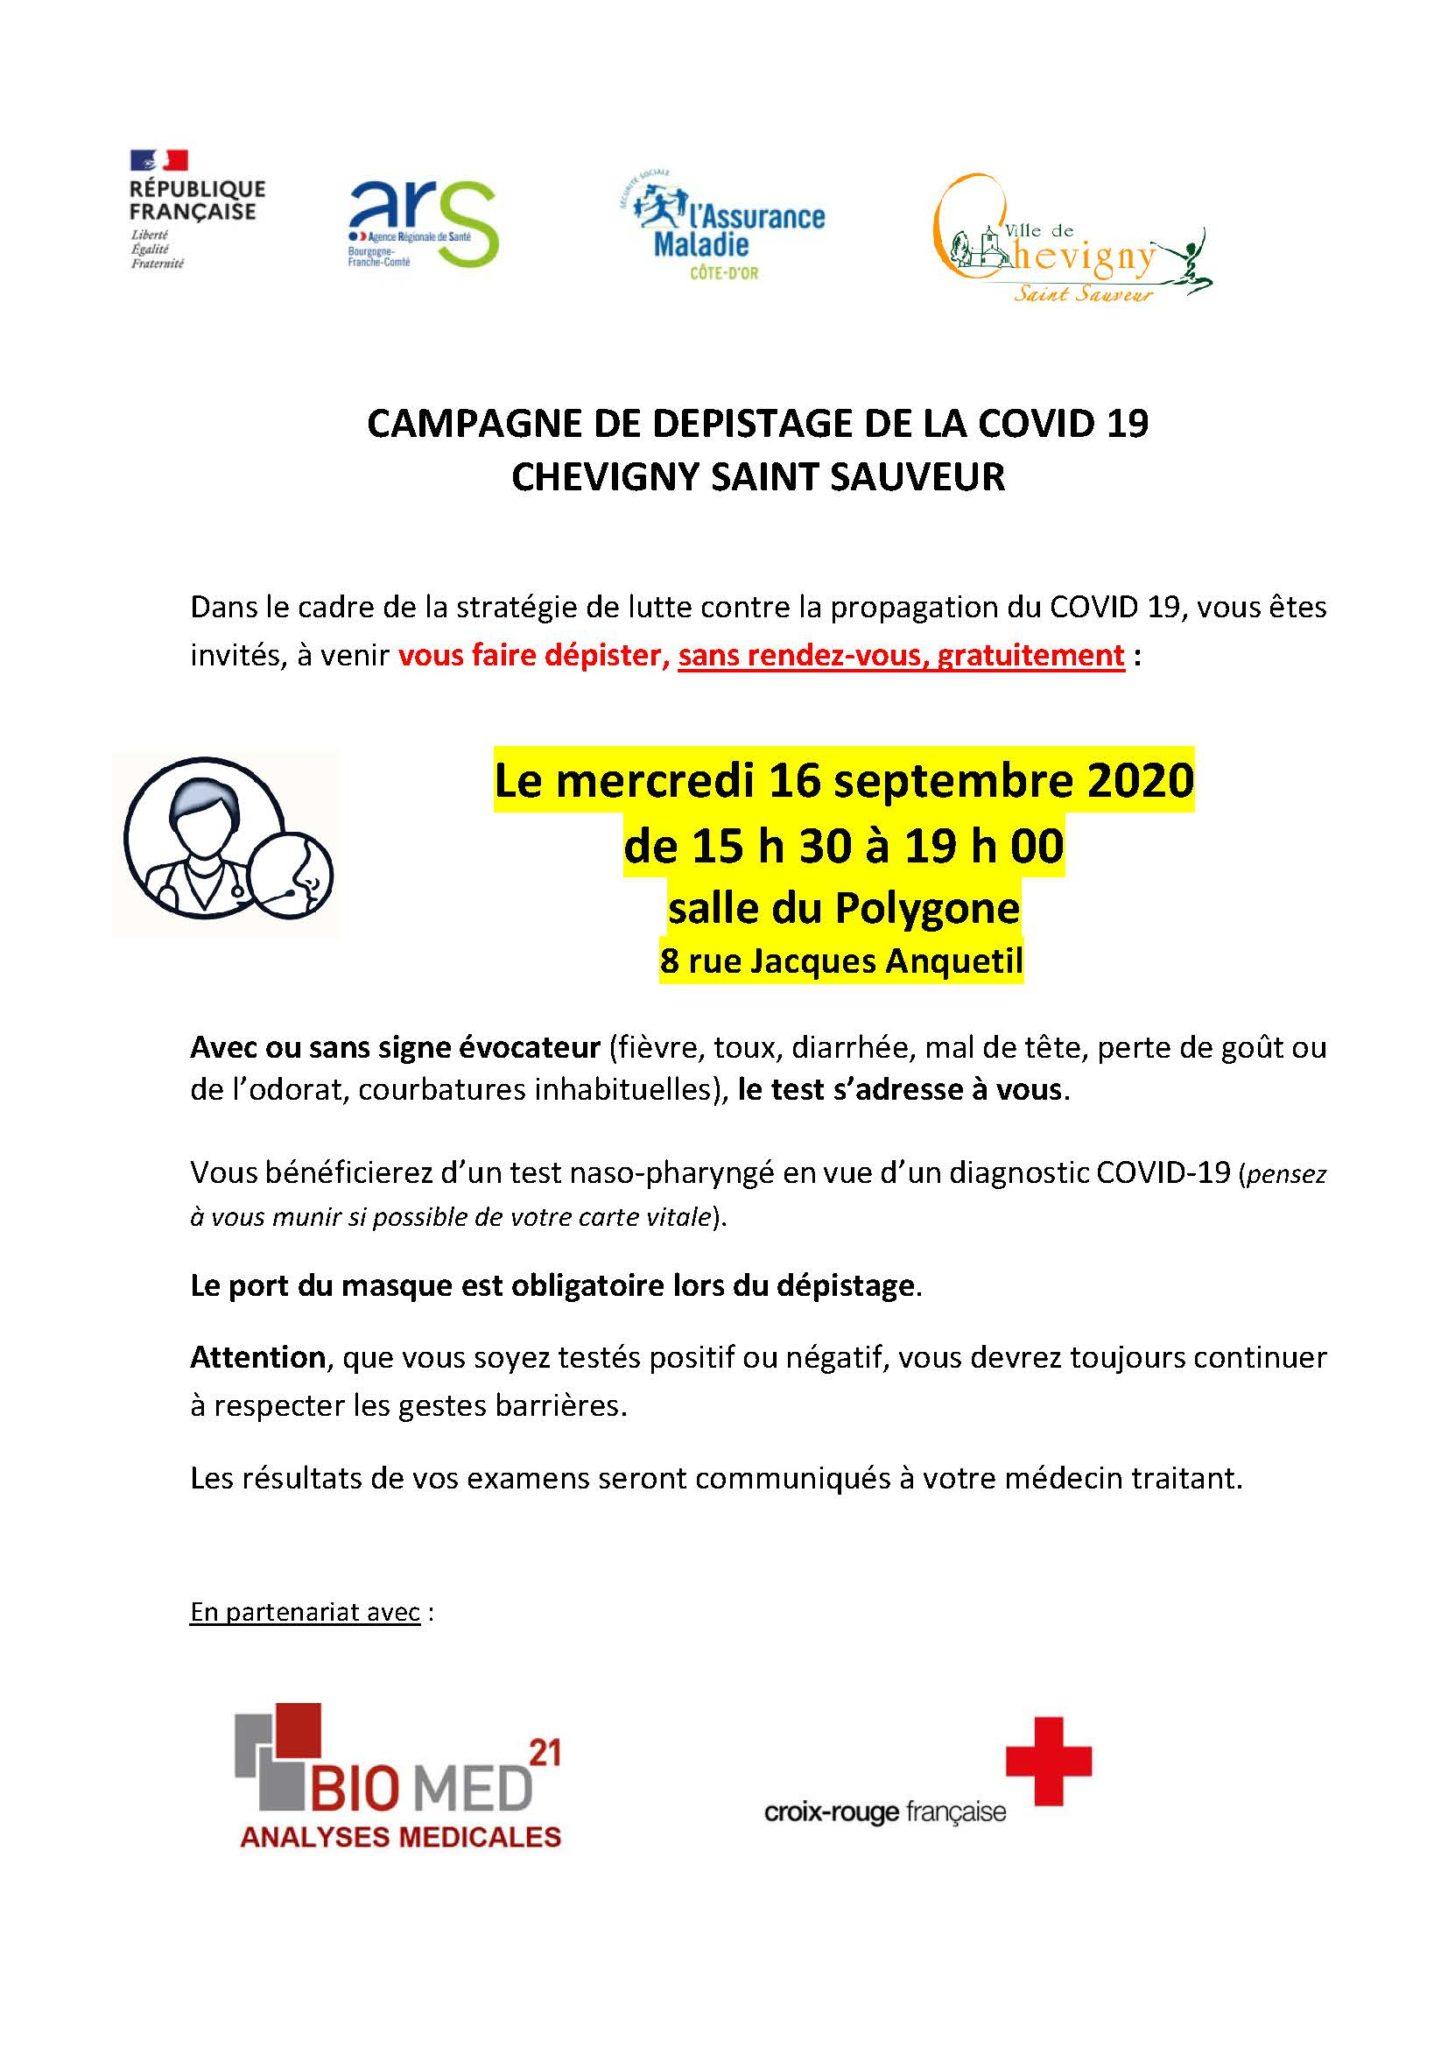 Campagne de dépistage COVID-19 à Chevigny-Saint-Sauveur le mercredi 16 Septembre 2020